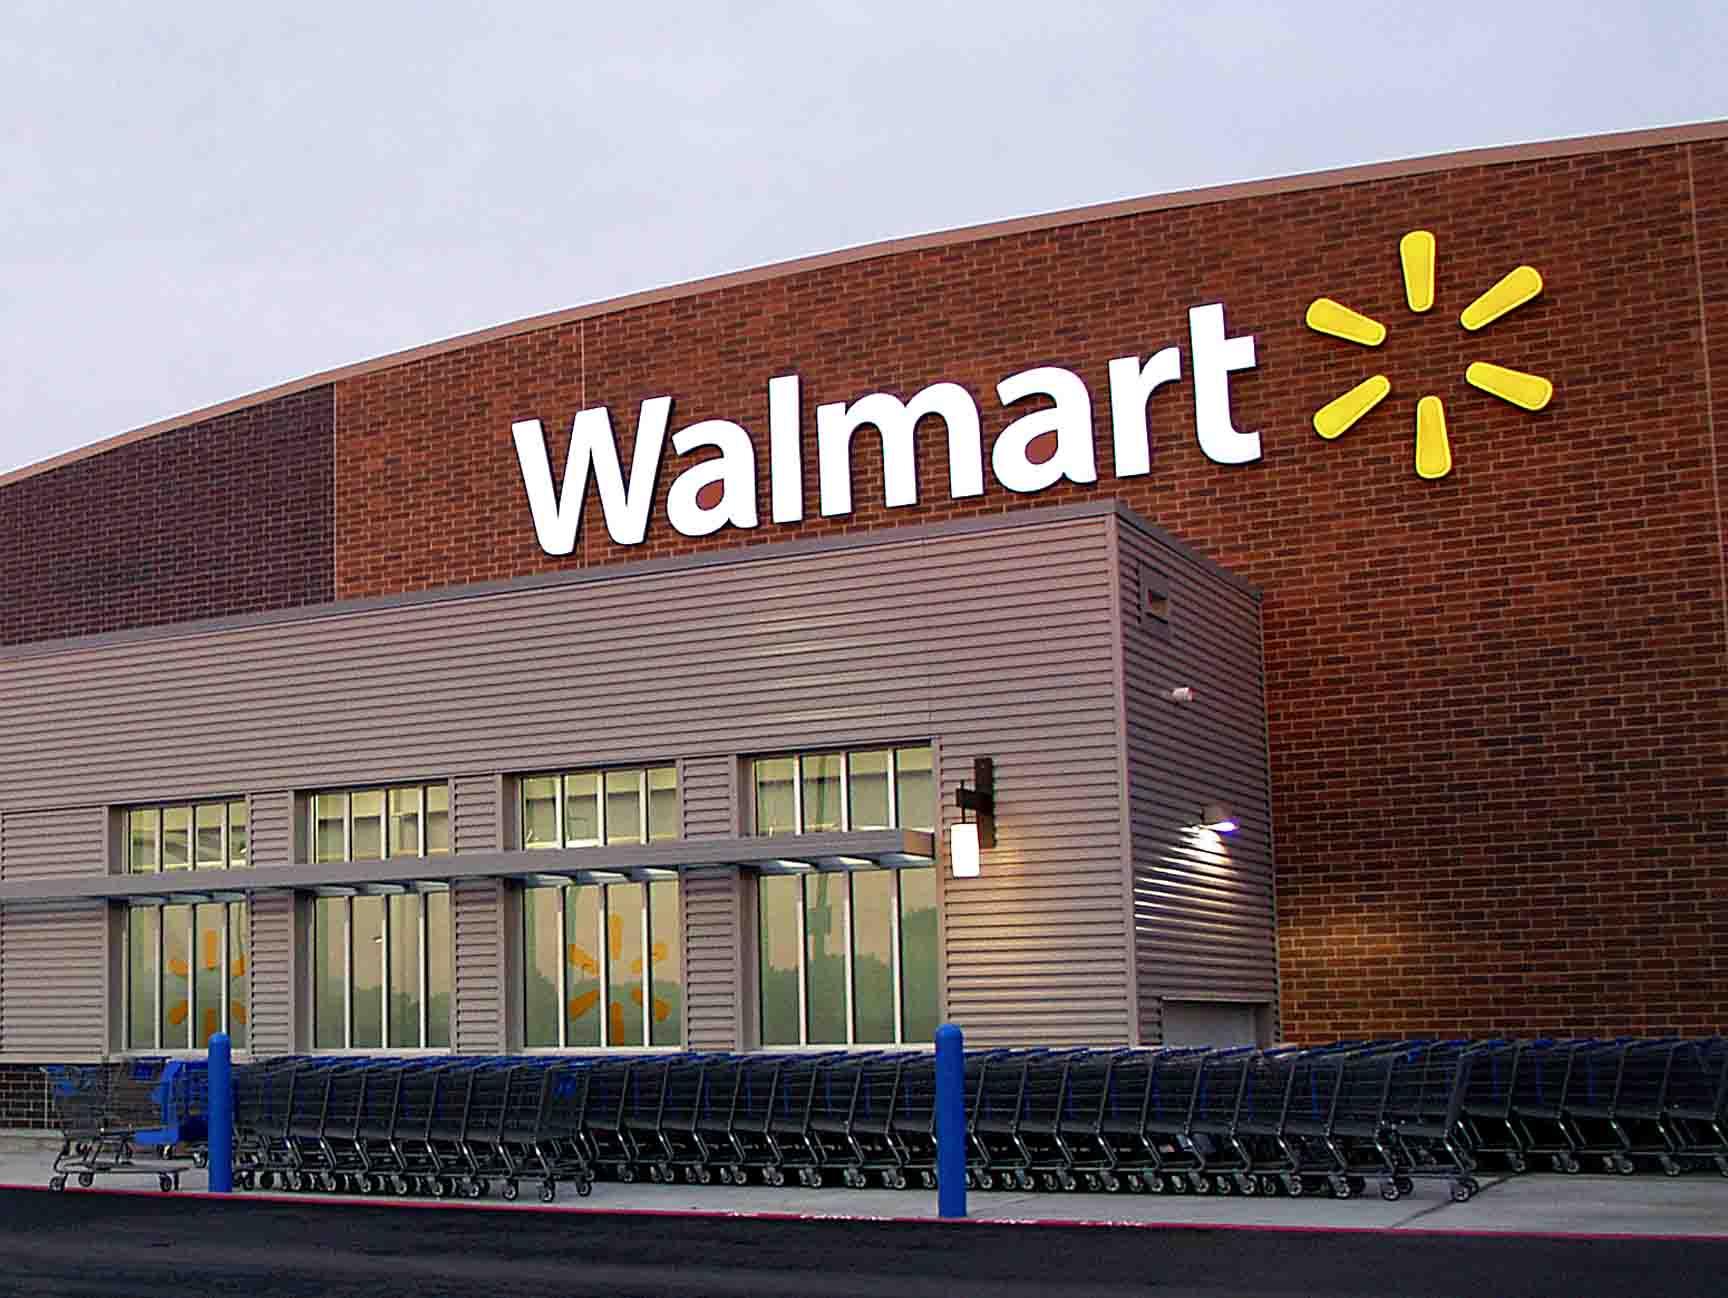 沃尔玛CEO:我们需要在线上零售取得更大进步